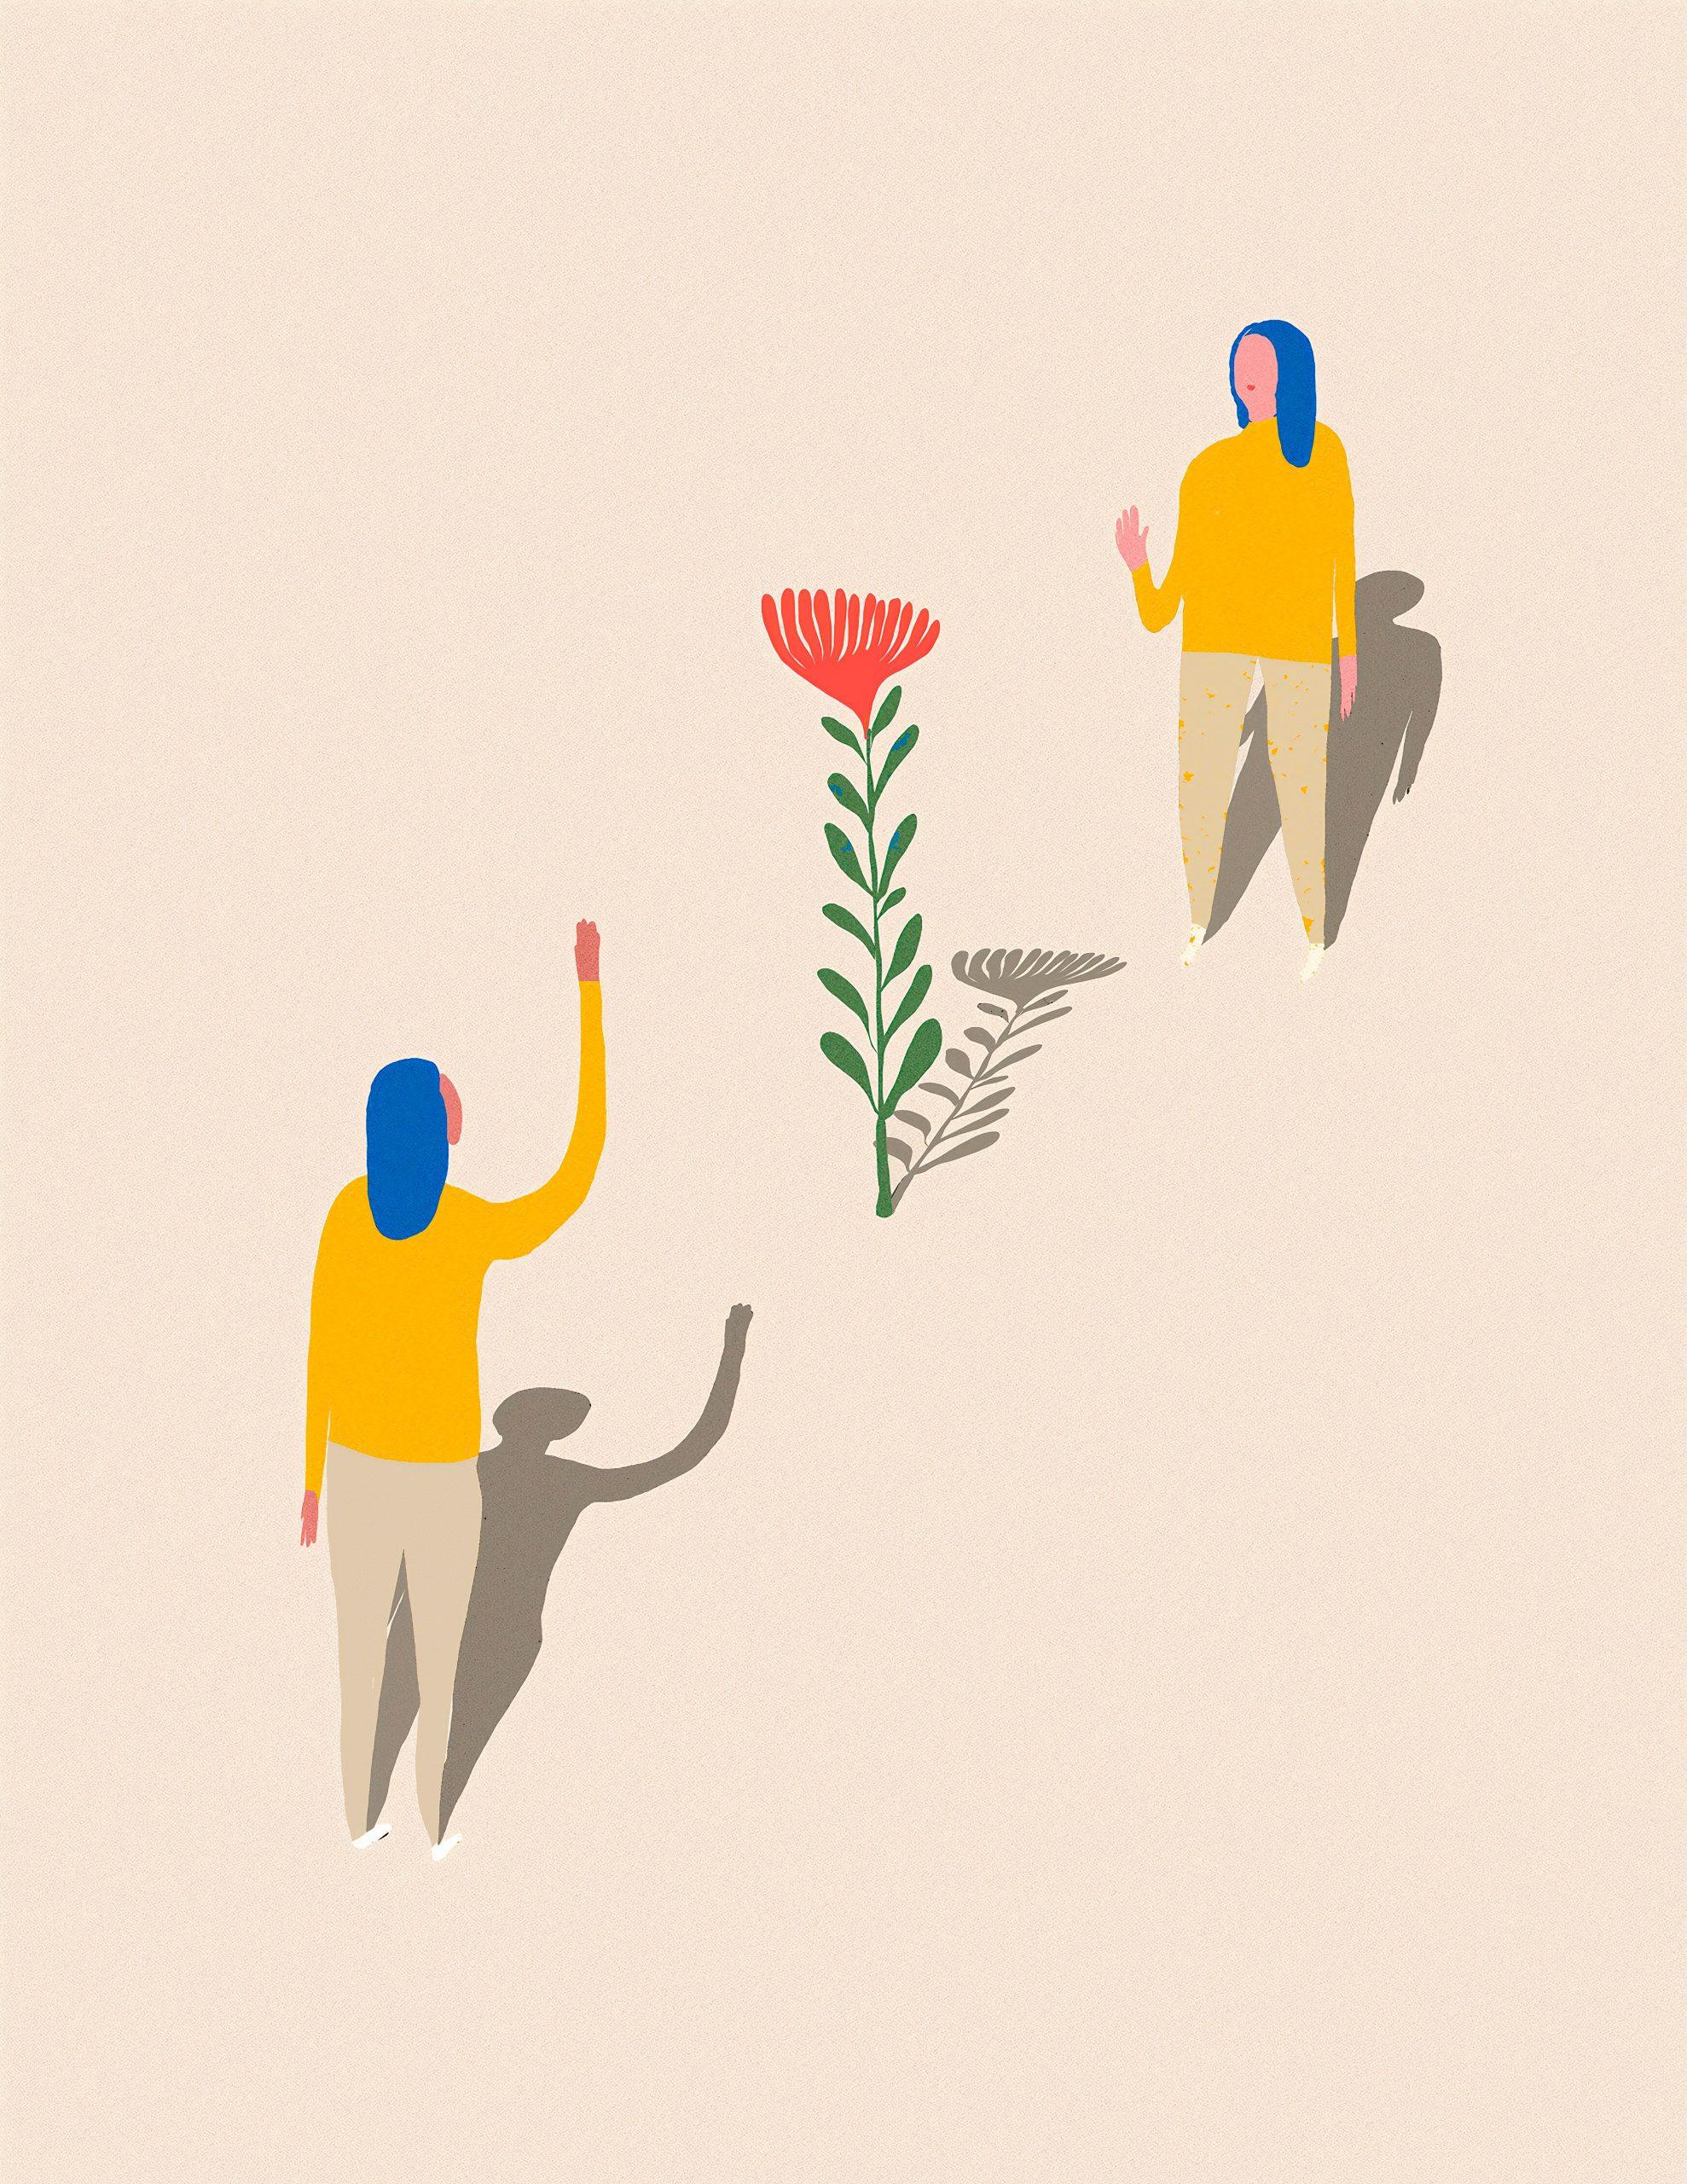 Um retrato sobre pandemia e solidariedade: ilustração de duas pessoas e uma flor no meio